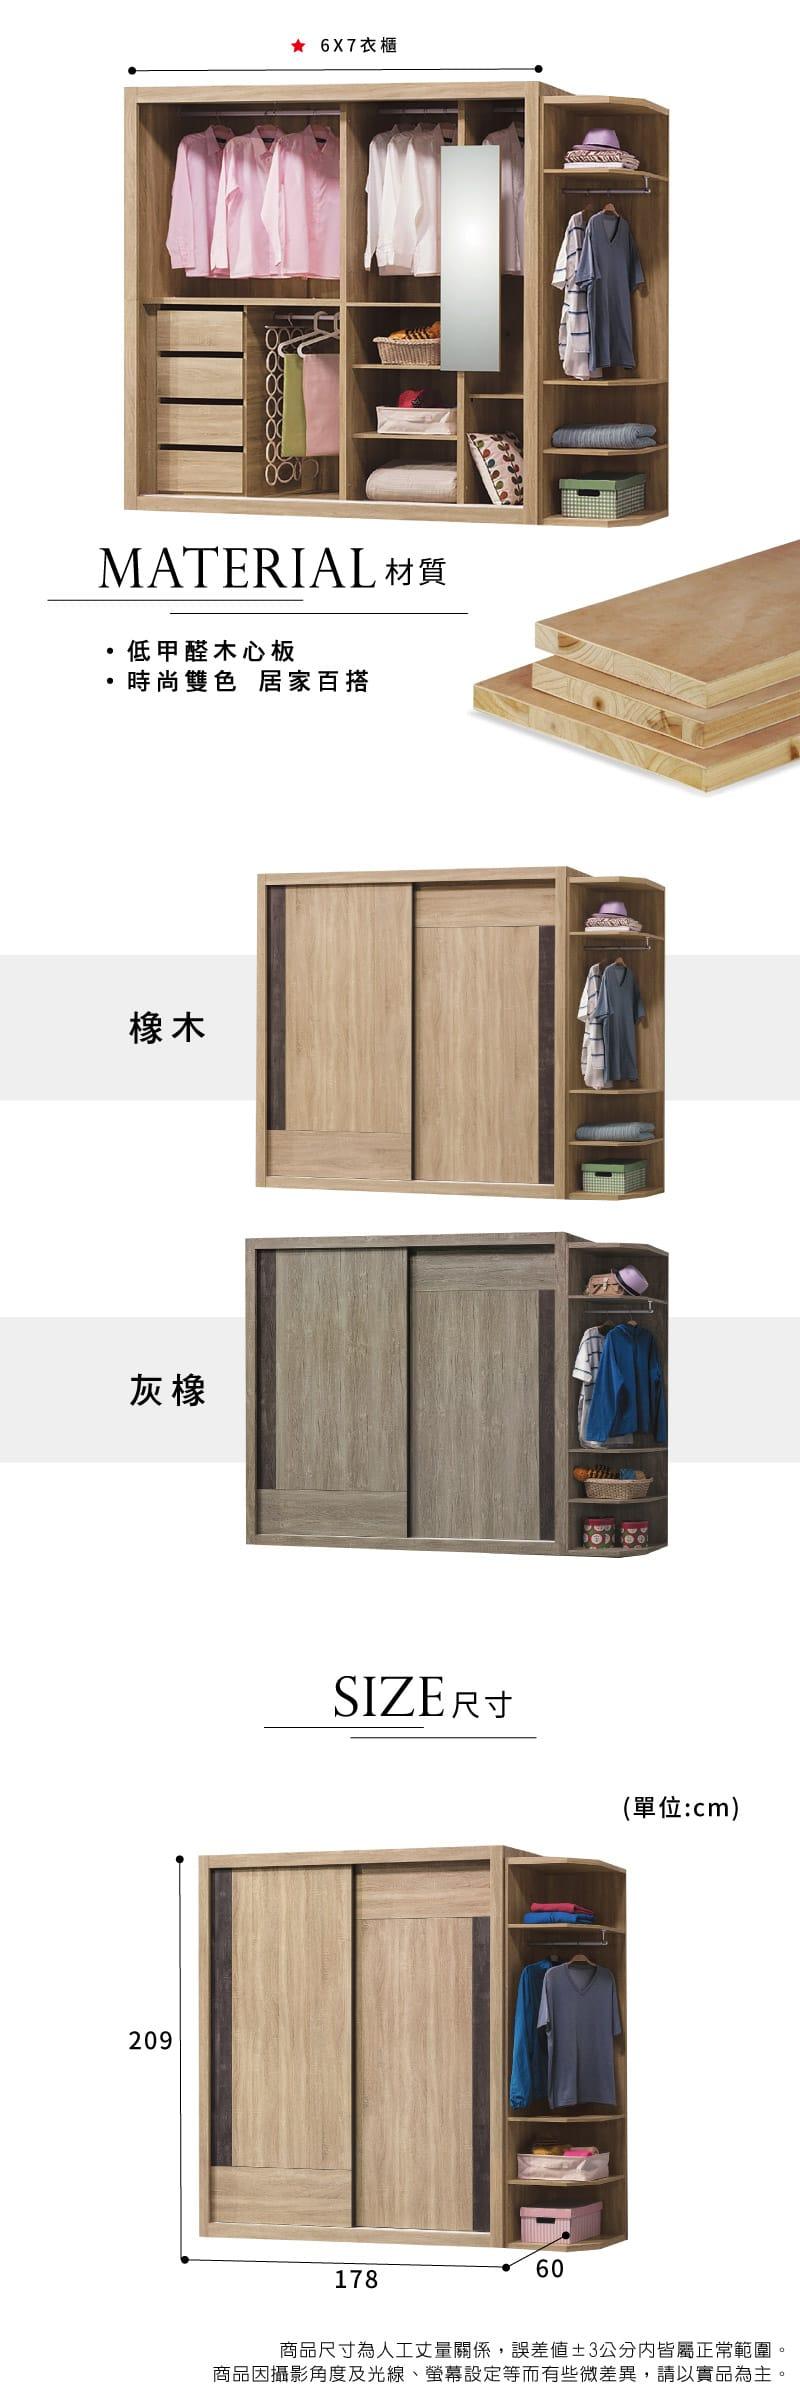 滑門收納置物衣櫃 寬178cm【瓦勒】